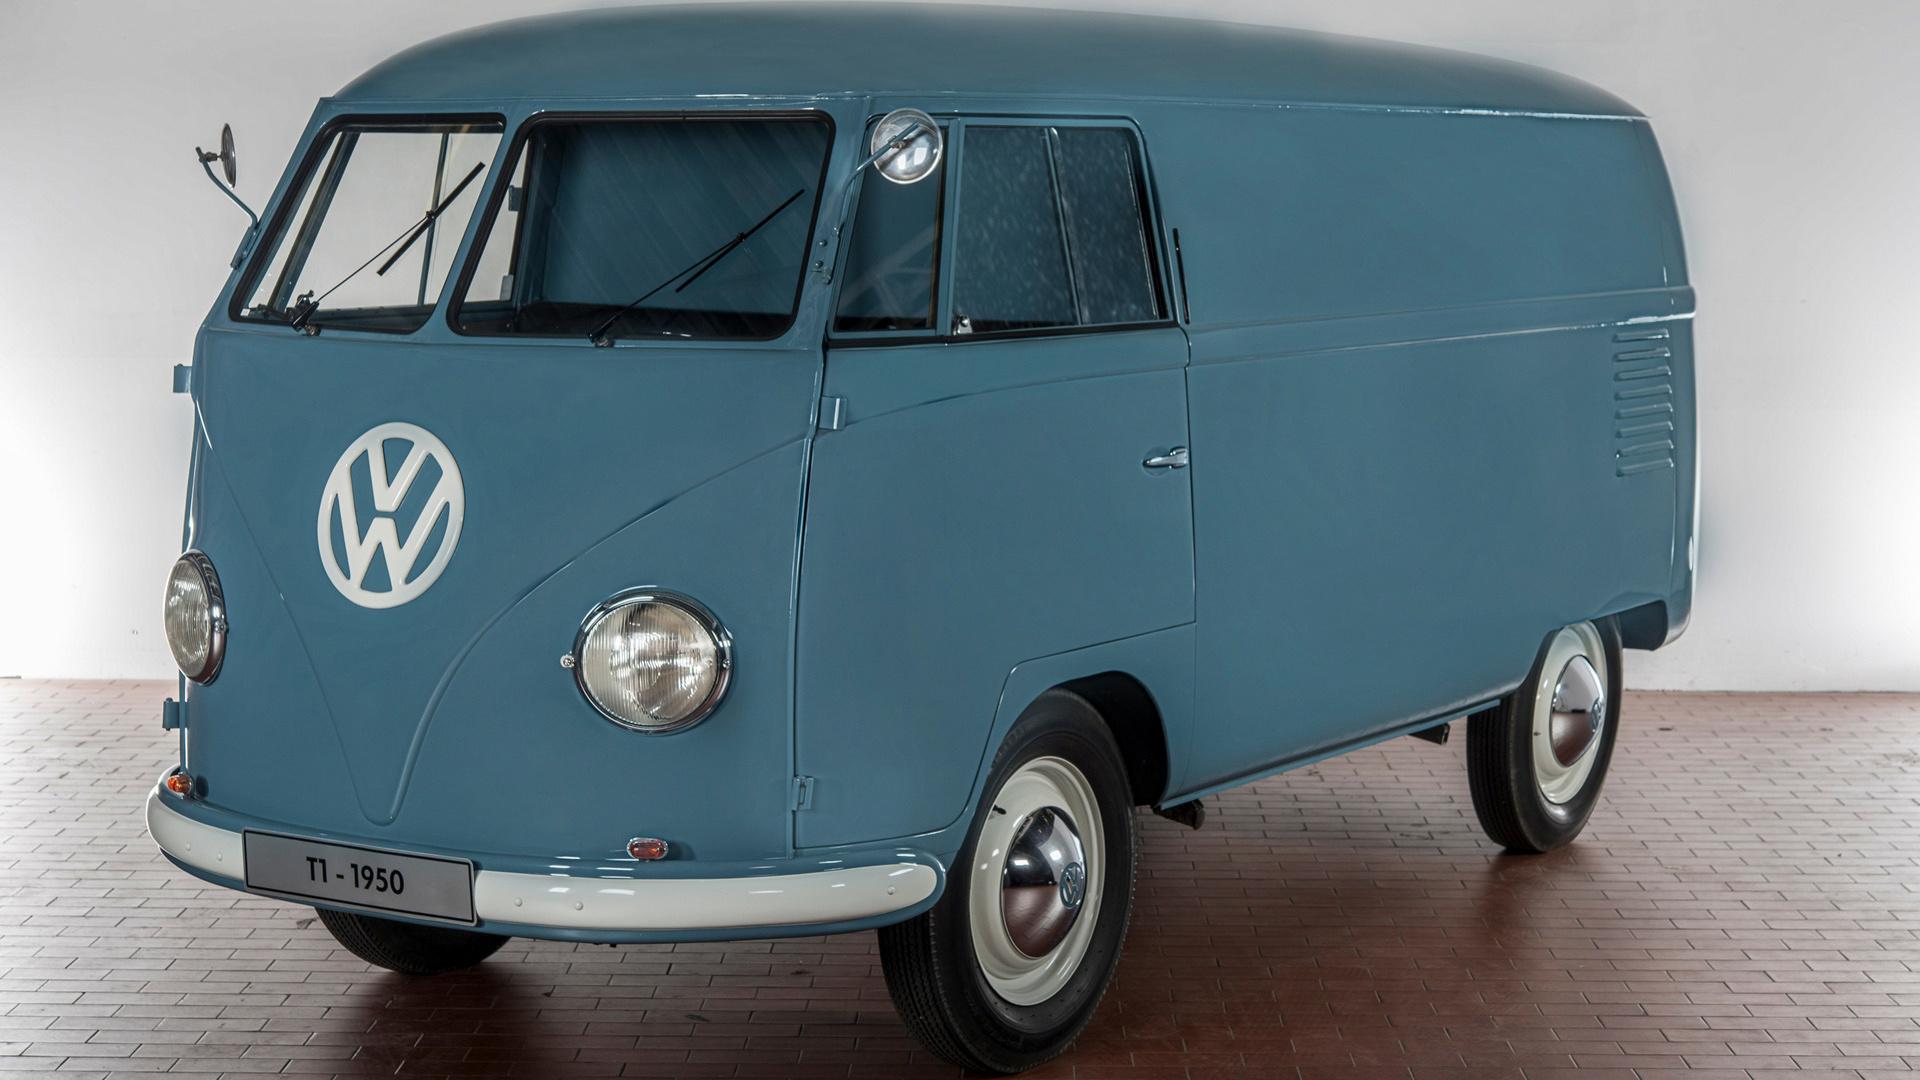 1950 Volkswagen T1 Panel Van